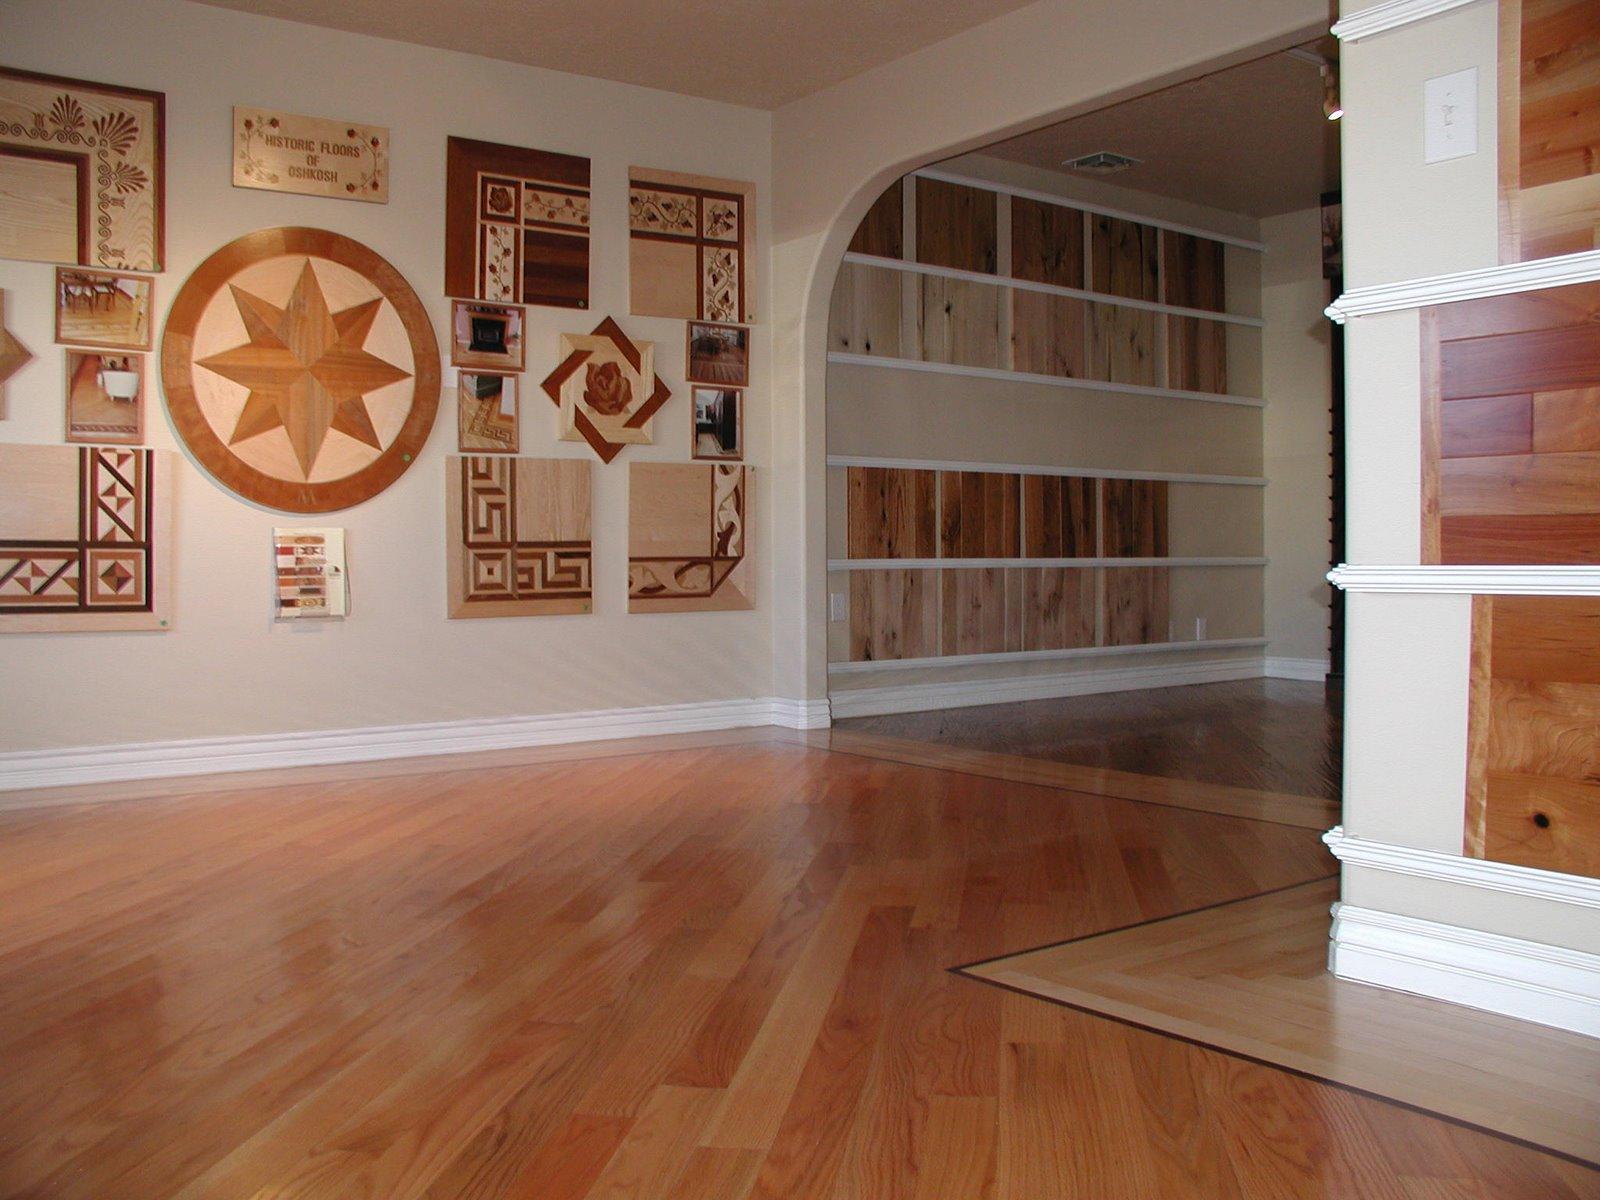 De arte y dise o c mo instalar pisos de madera - Como instalar piso parquet ...